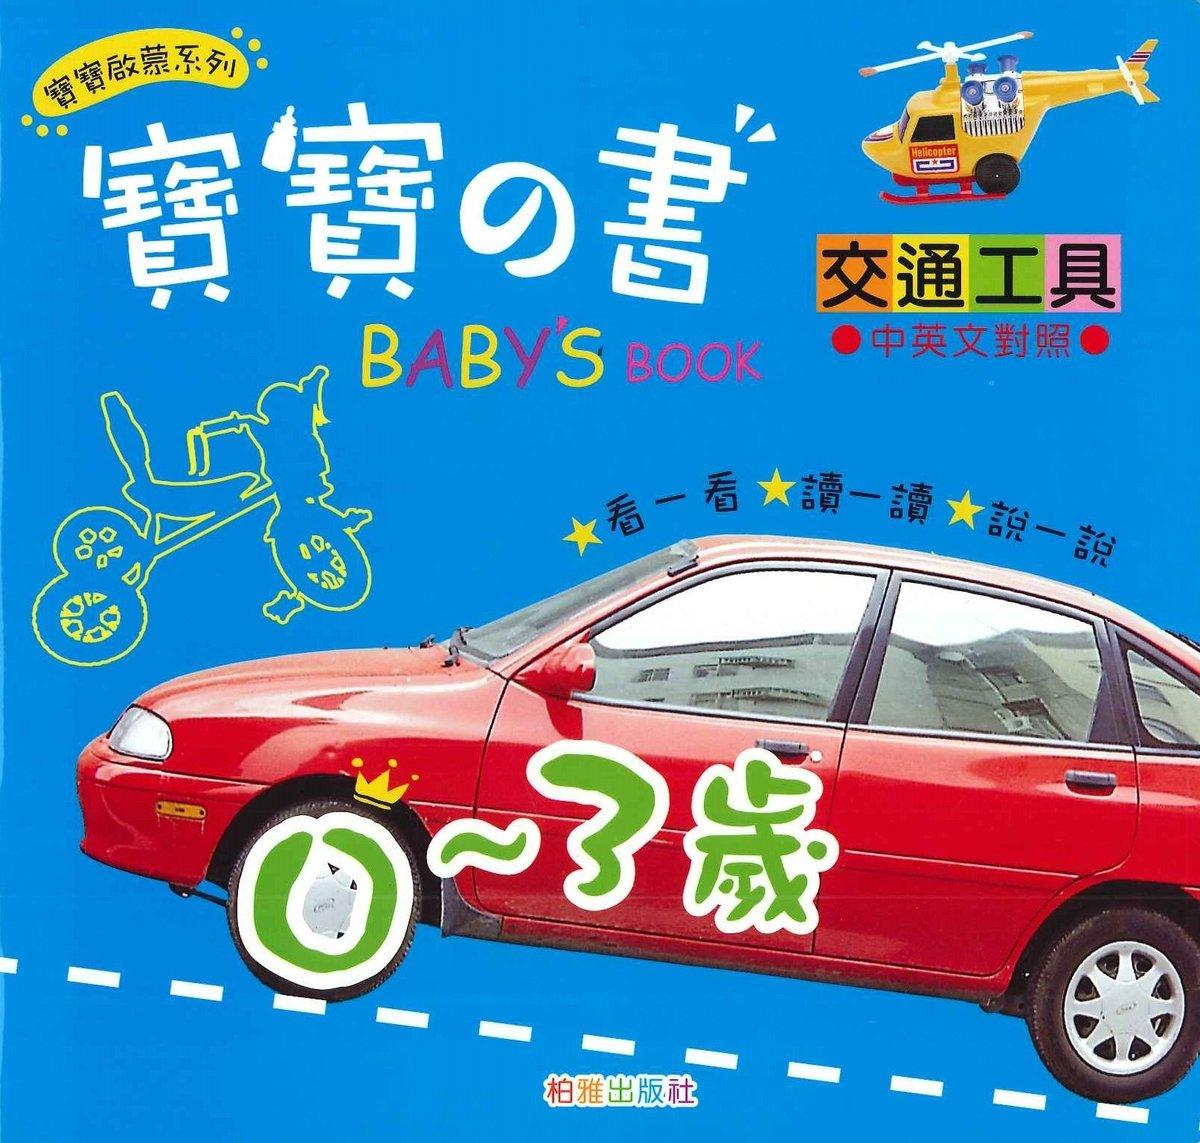 寶寶之書 - 交通工具